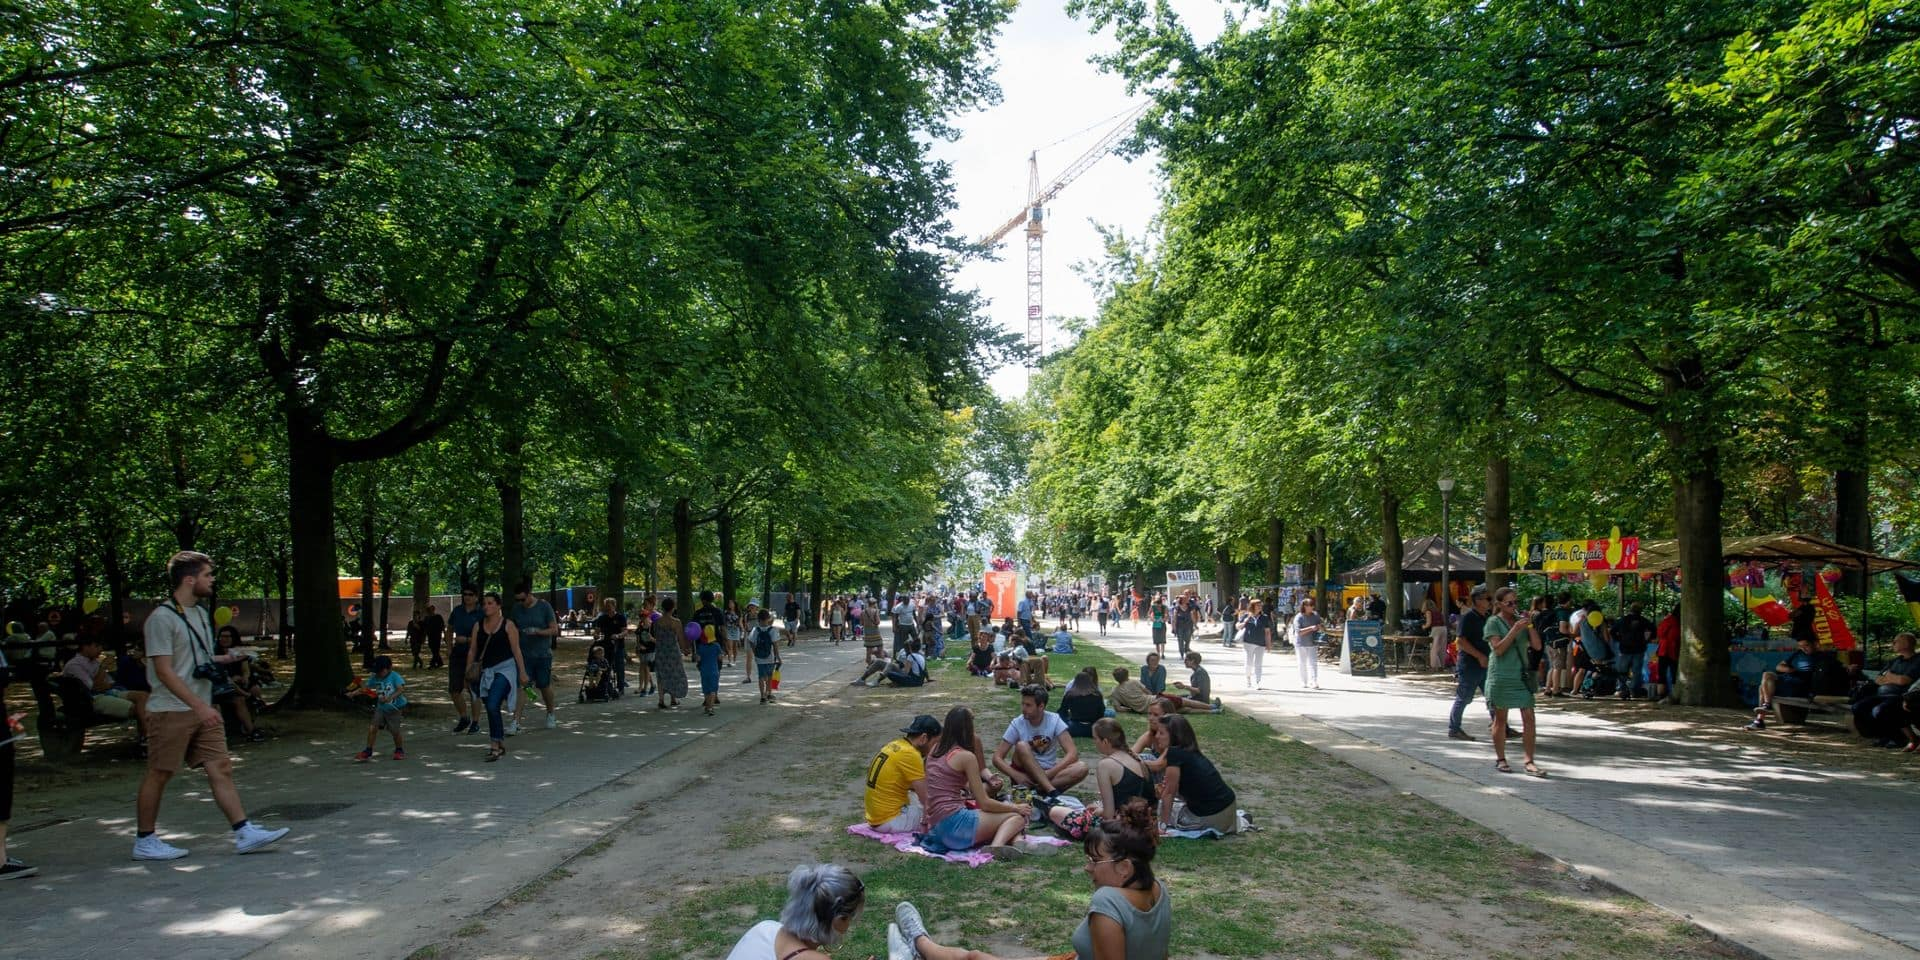 La région bruxelloise a perdu 14,4% de ses espaces verts en 15 ans